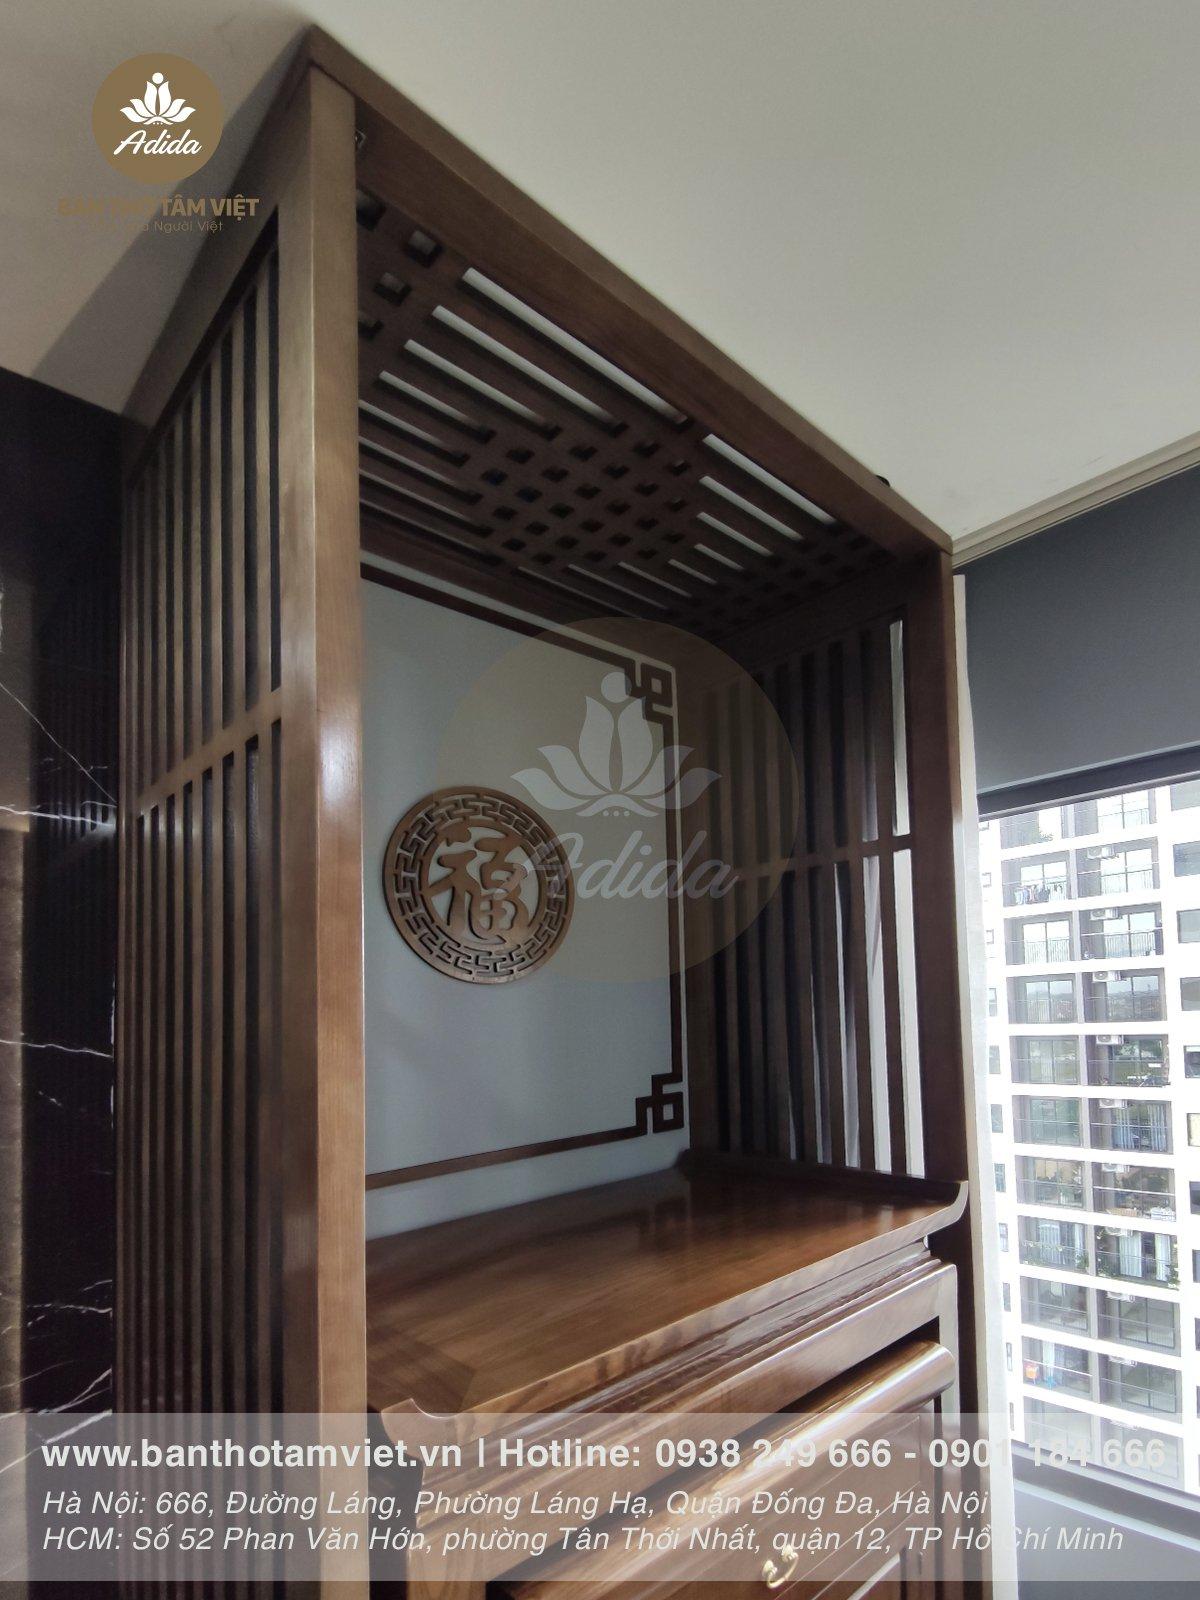 Mẫu bàn thờ đứng chung cư gỗ sồi hiện đại